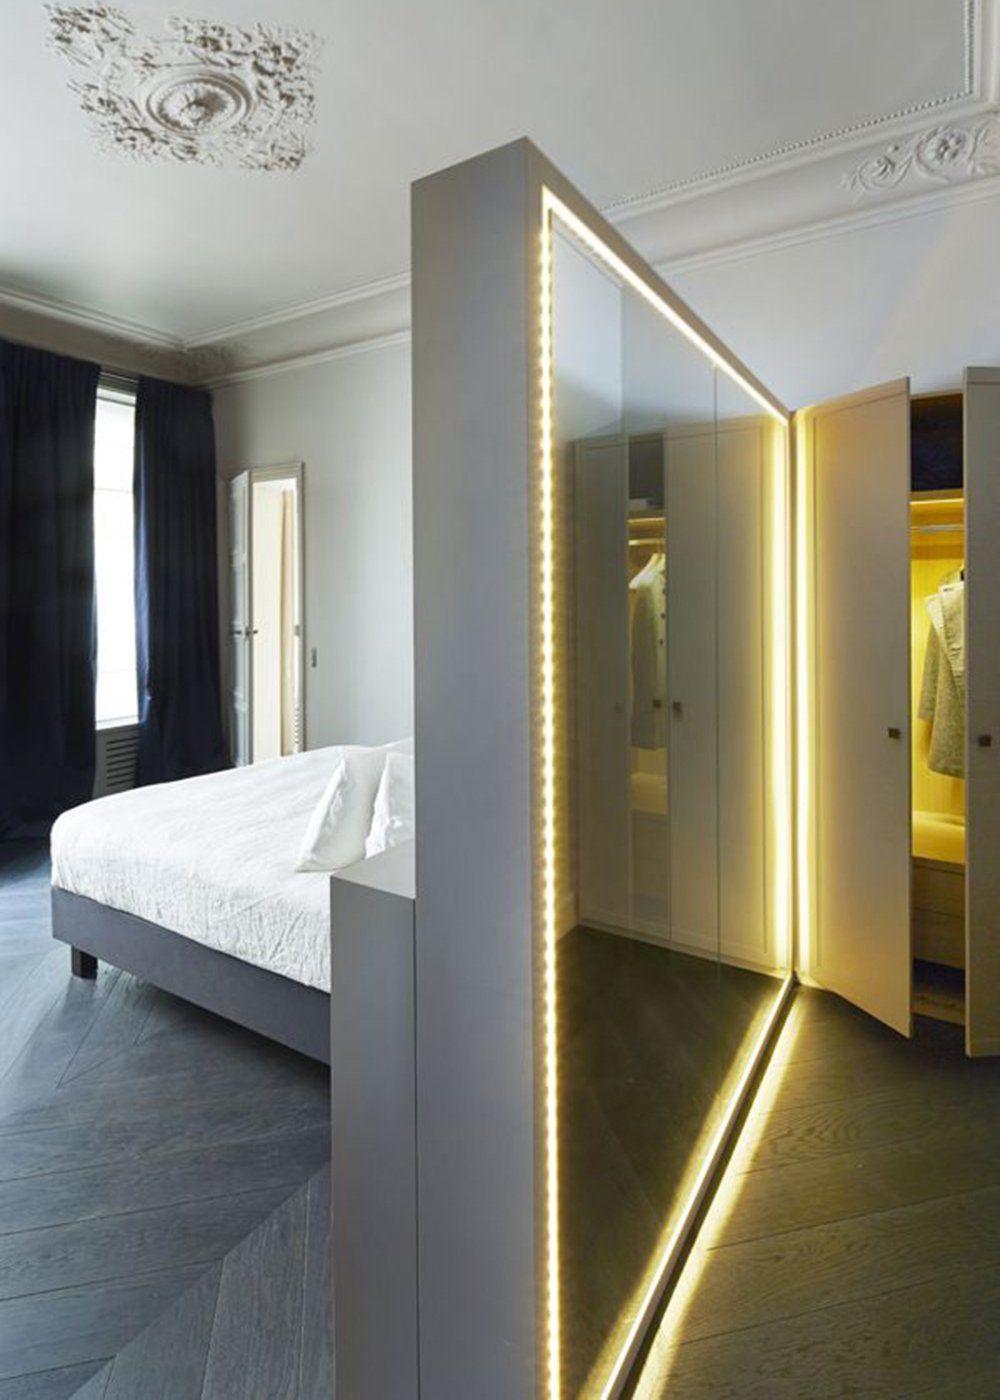 illuminez votre int rieur avec des led deco pinterest maison interieur et dressing. Black Bedroom Furniture Sets. Home Design Ideas